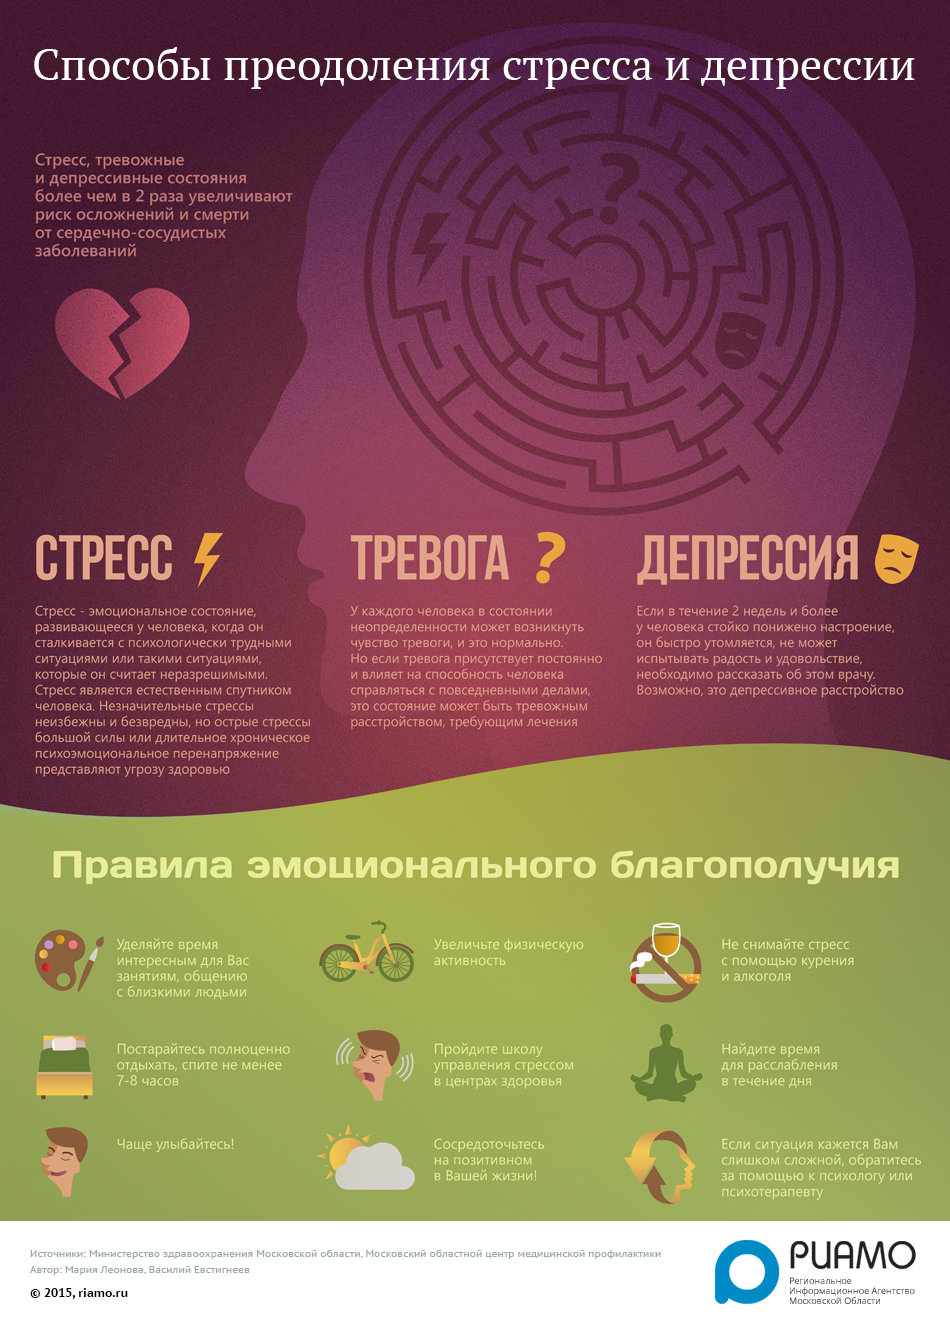 инфографика стресса #1